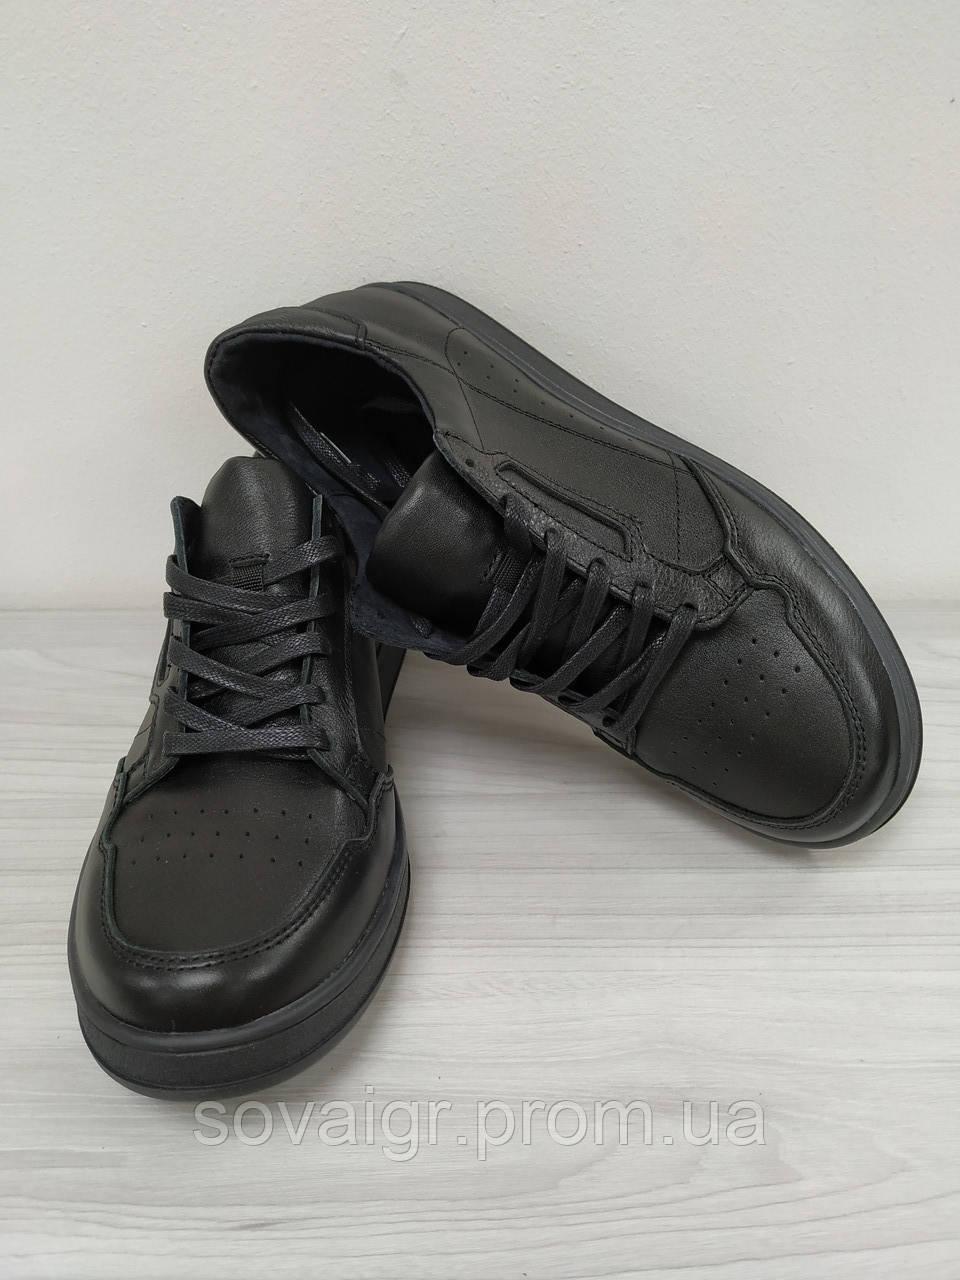 Кроссовки кожаные черные подростковые MANTE Акция!!! -40%!!!